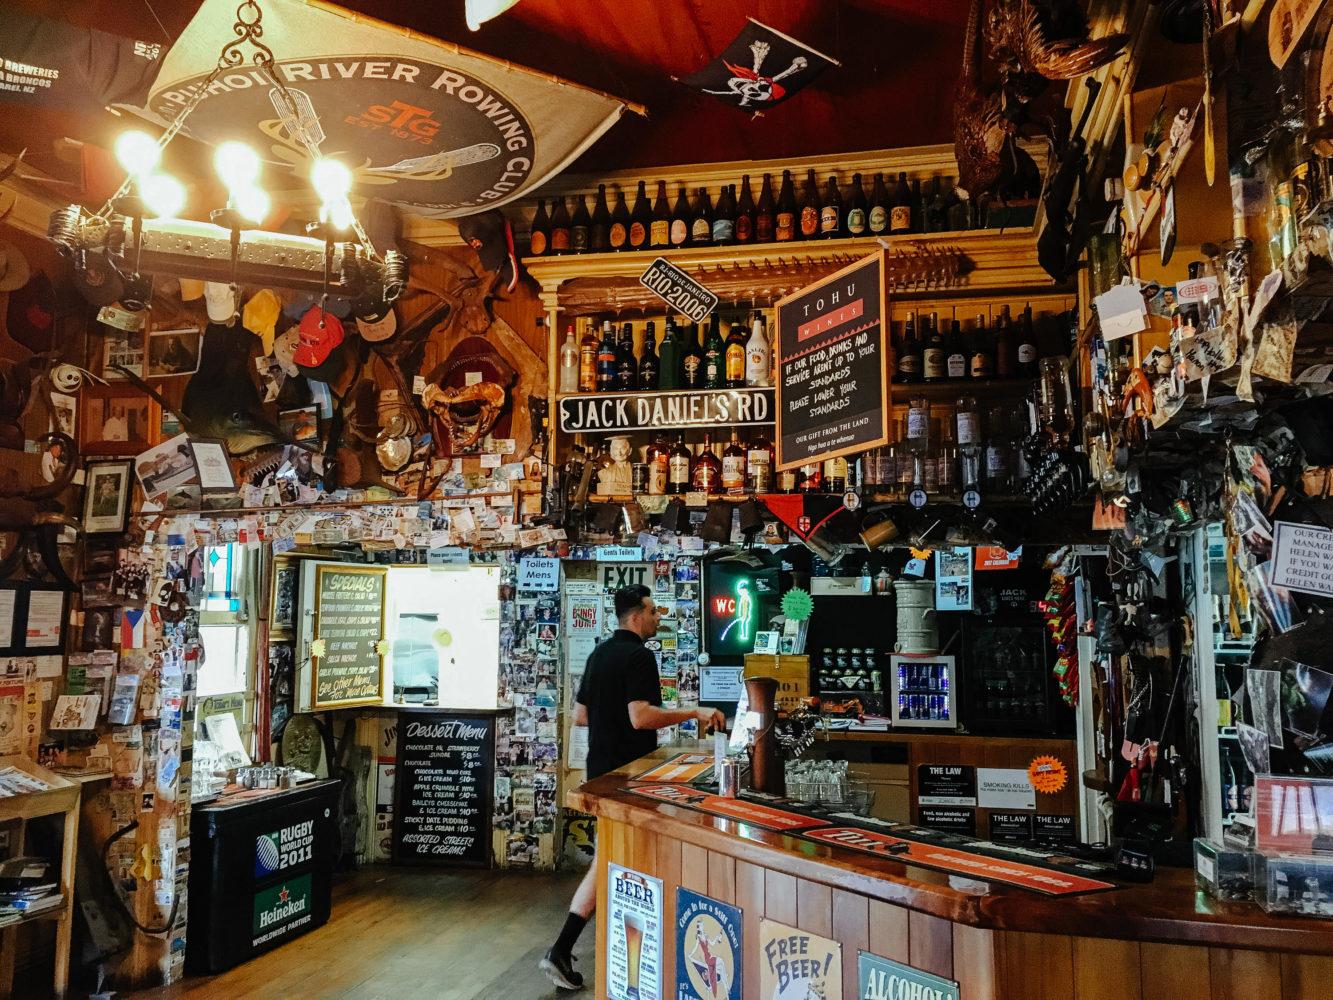 Innenraum eines Pubs mit vielen Gegenständen an der Wand